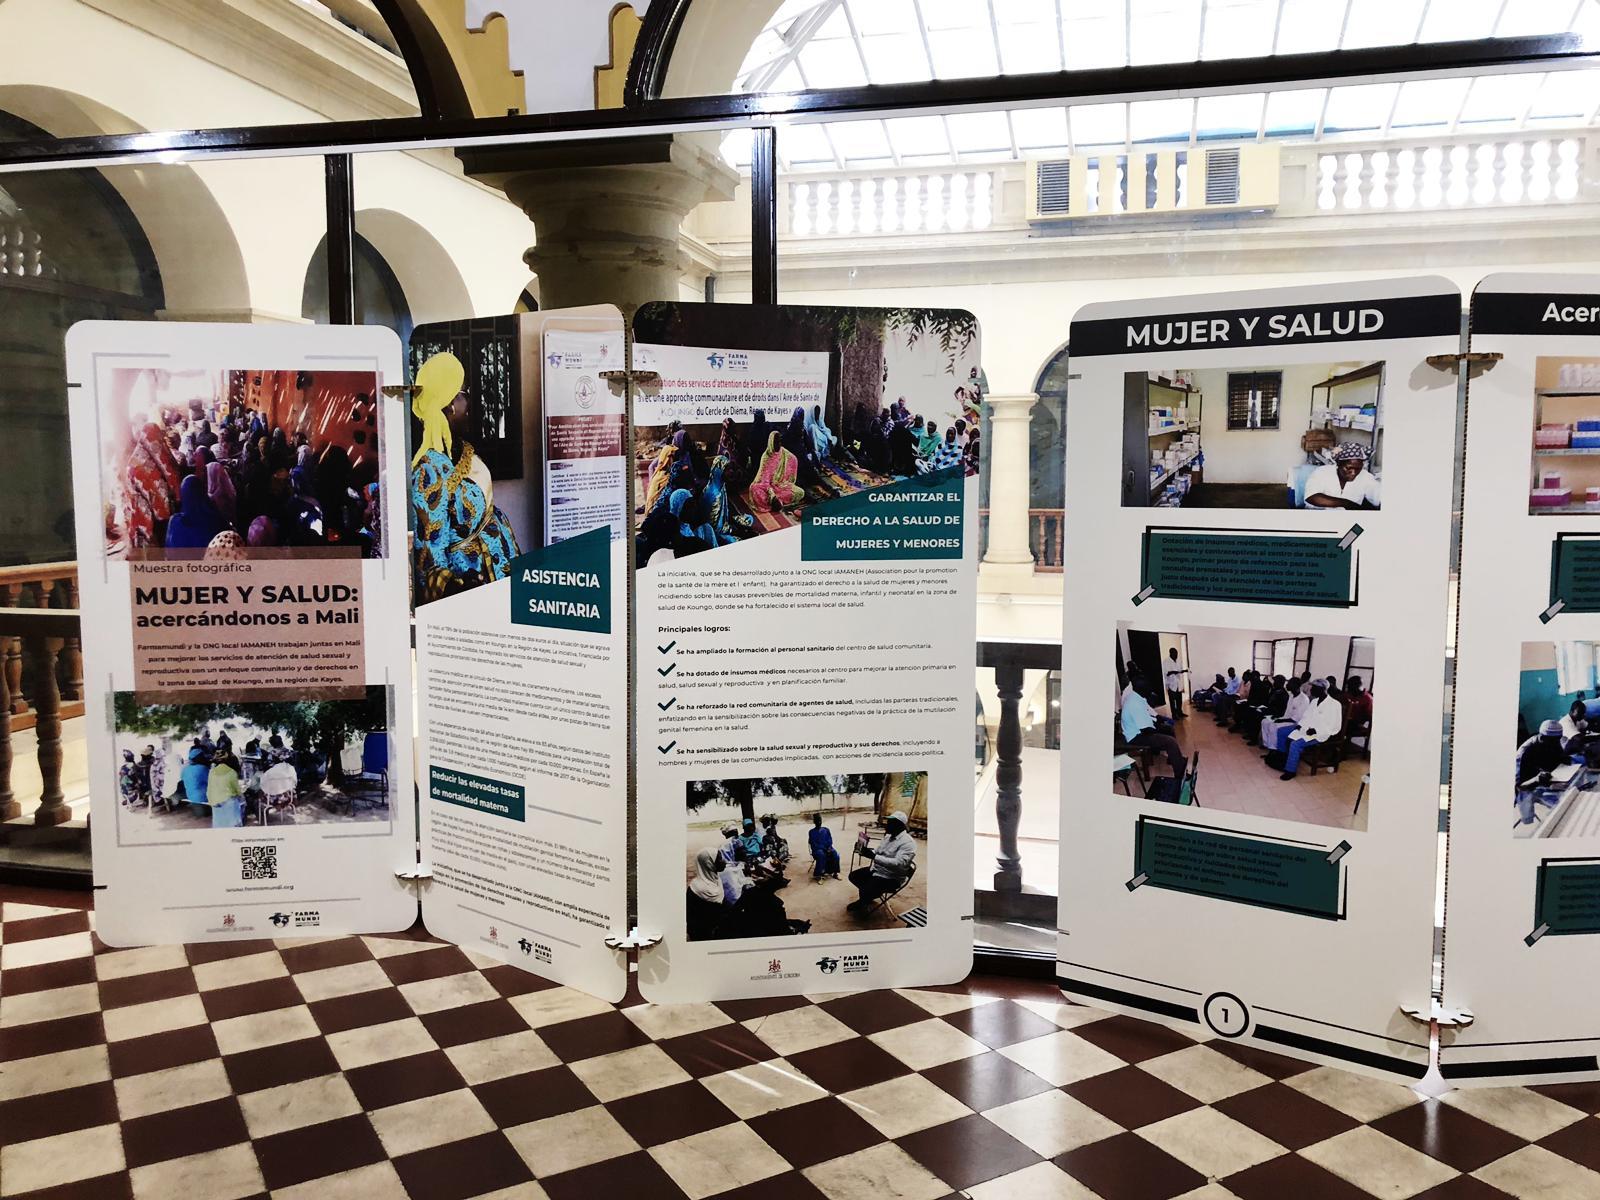 Farmamundi organiza una exposición fotográfica en Córdoba sobre el acceso de la salud de la mujer en Malí